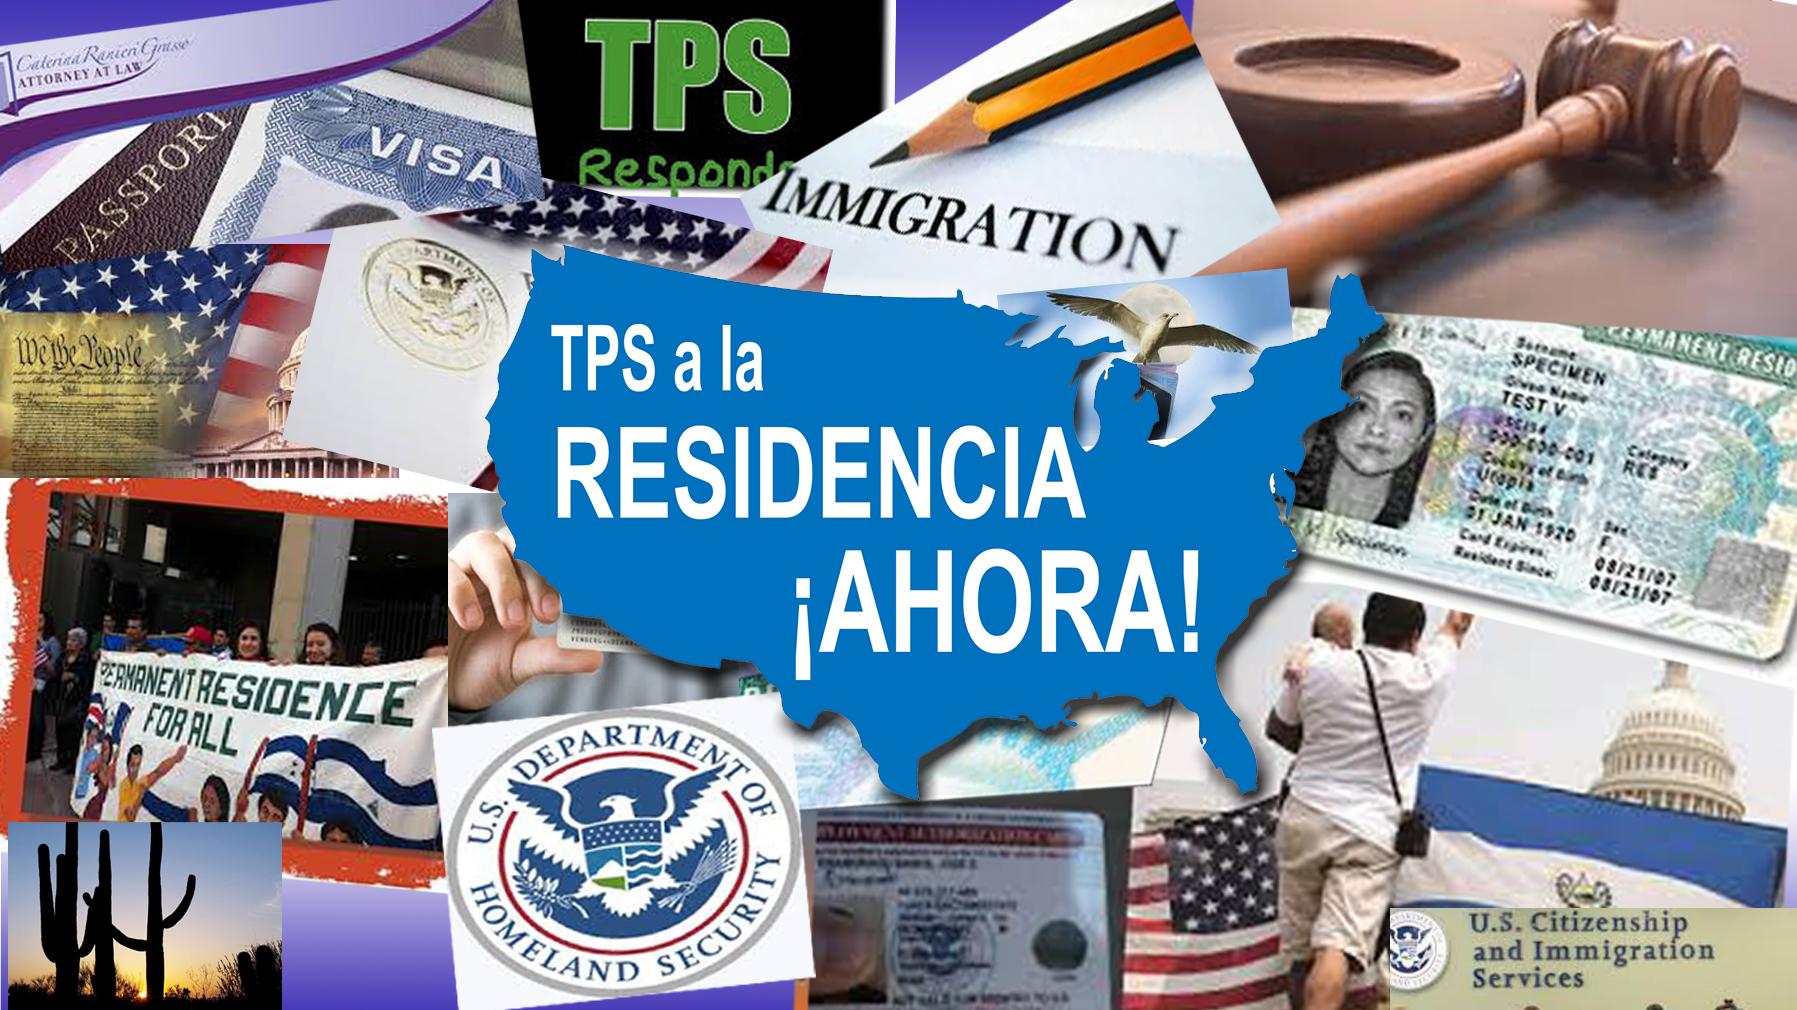 Nallely--TPS_postcard_(editted).jpg